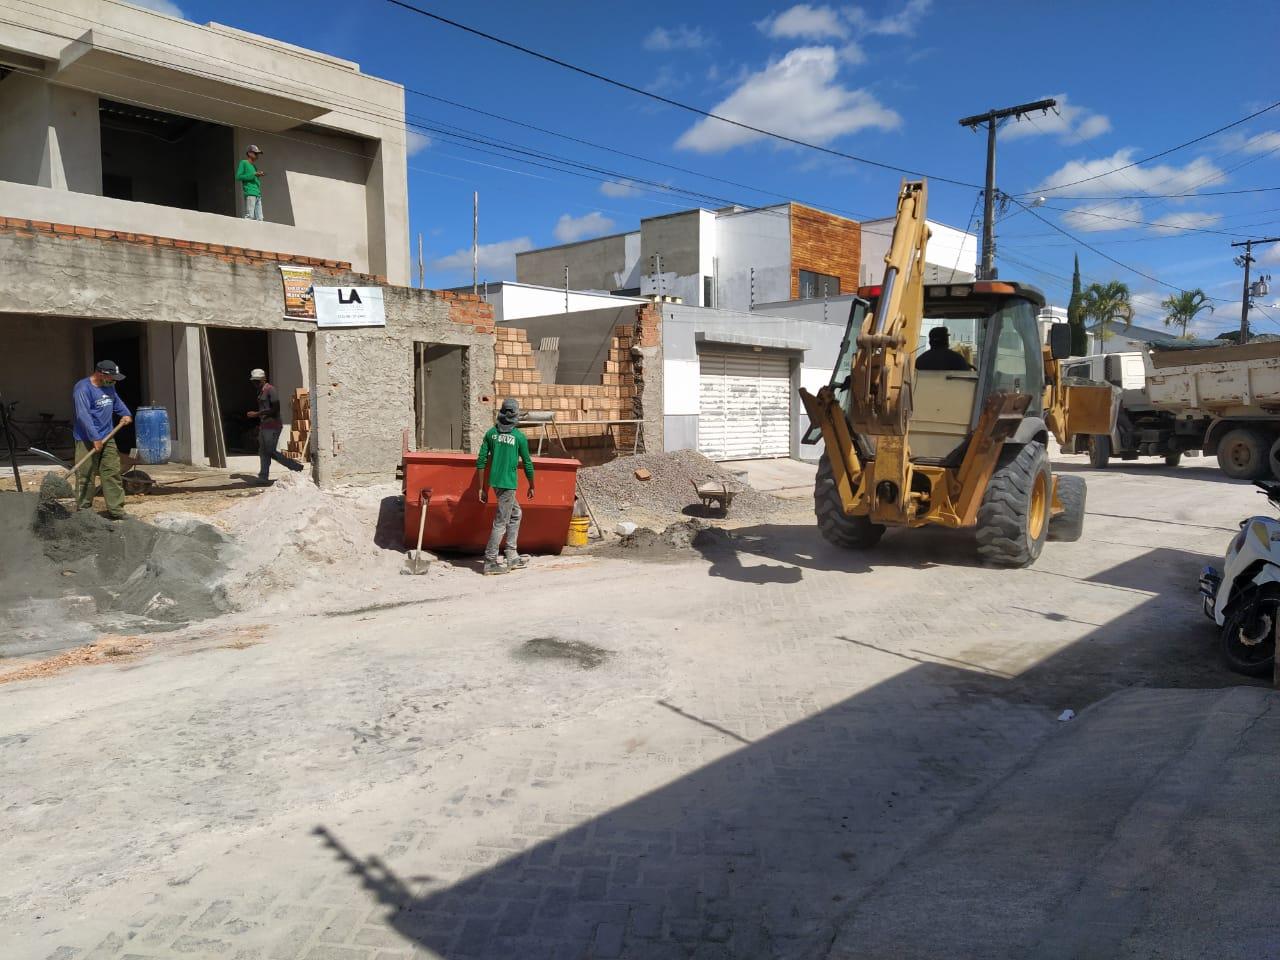 Eunápolis: Lei municipal proíbe material de construção em vias públicas 20